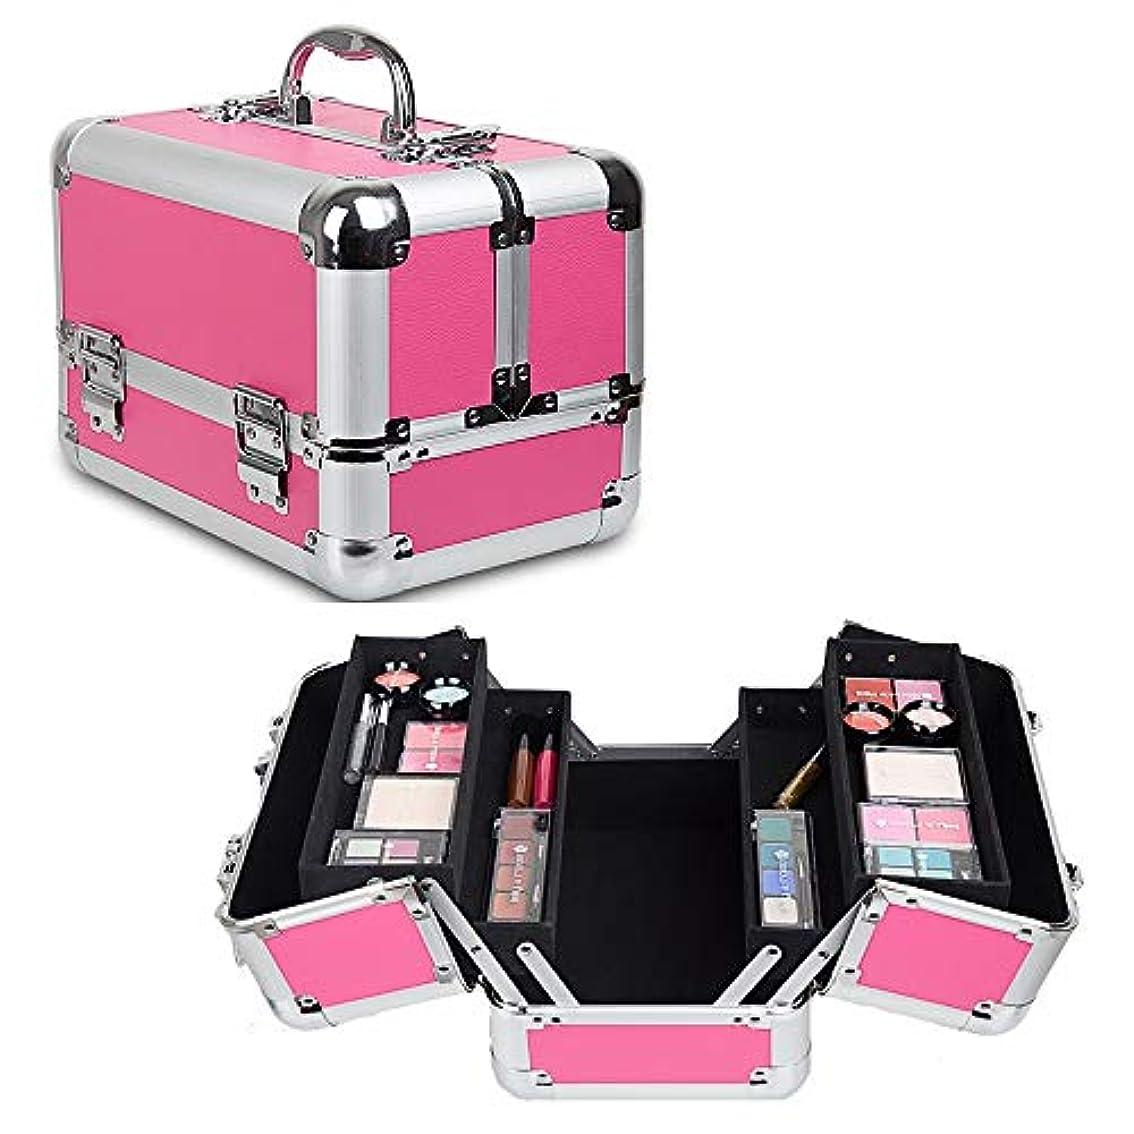 前部報酬の同僚化粧オーガナイザーバッグ メイクアップトラベルバッグストレージバッグ防水ミニメイクアップケース旅行旅行のための 化粧品ケース